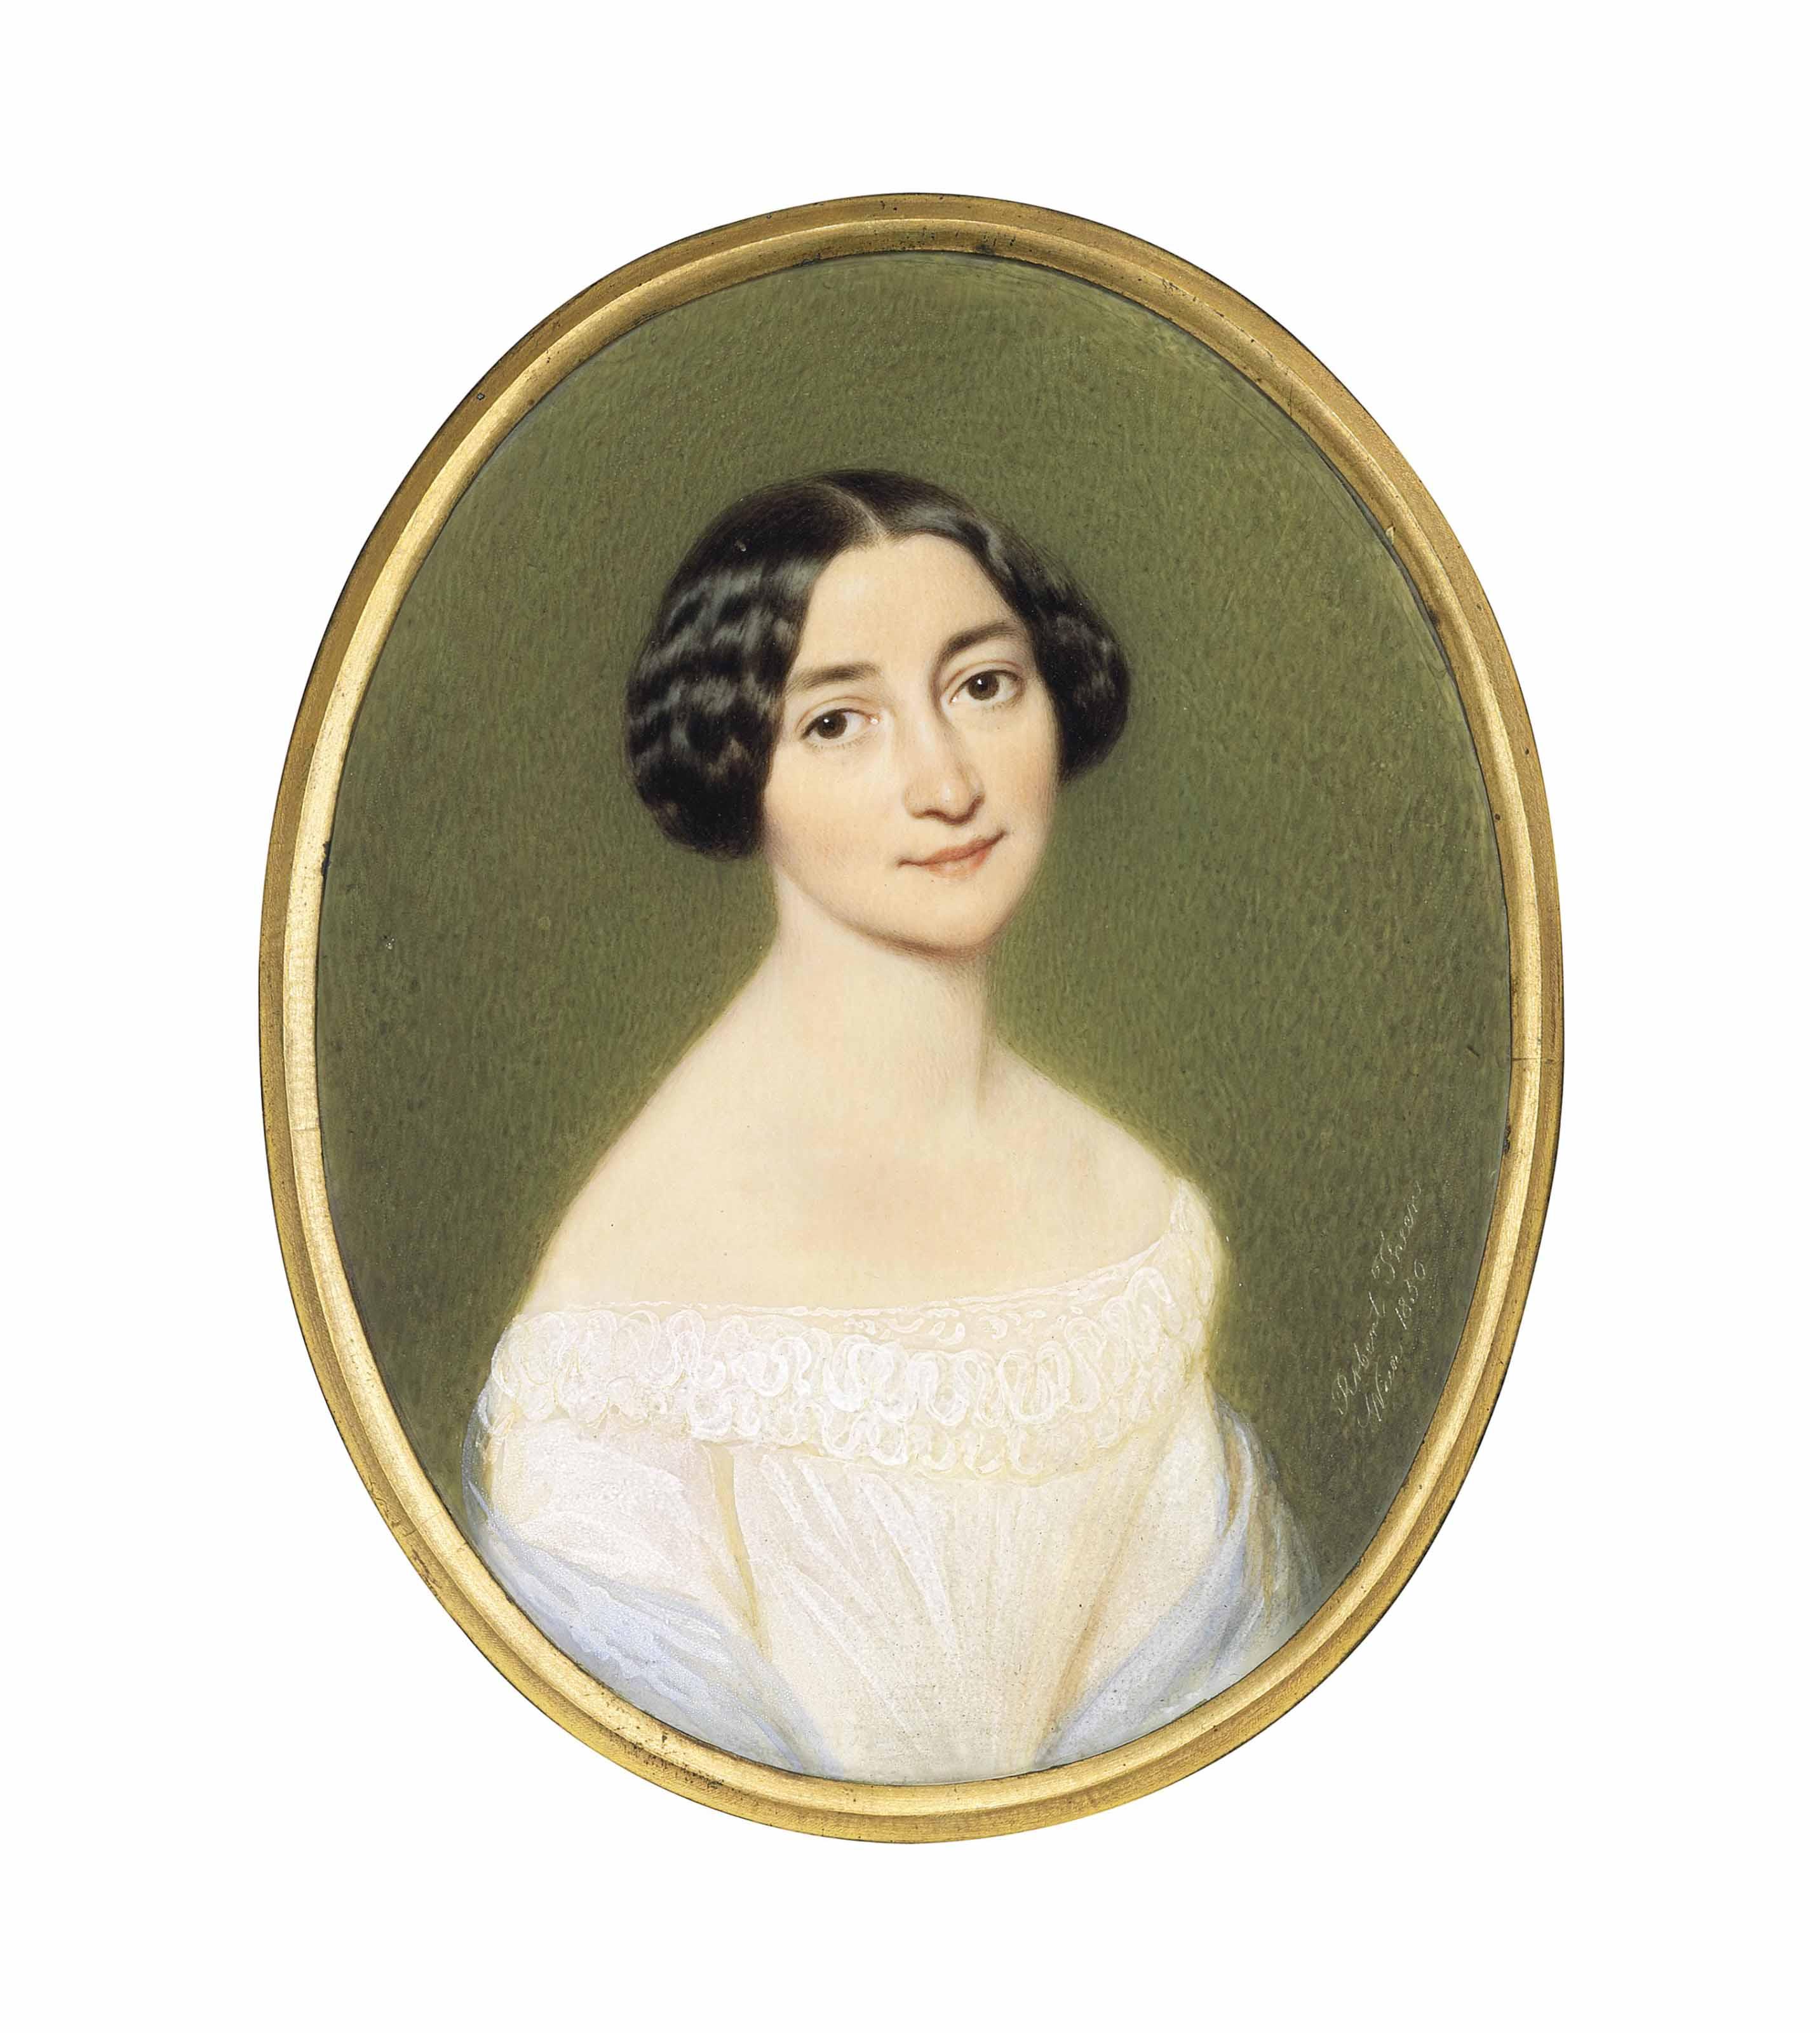 ROBERT THEER (AUSTRIAN, 1808-1863)